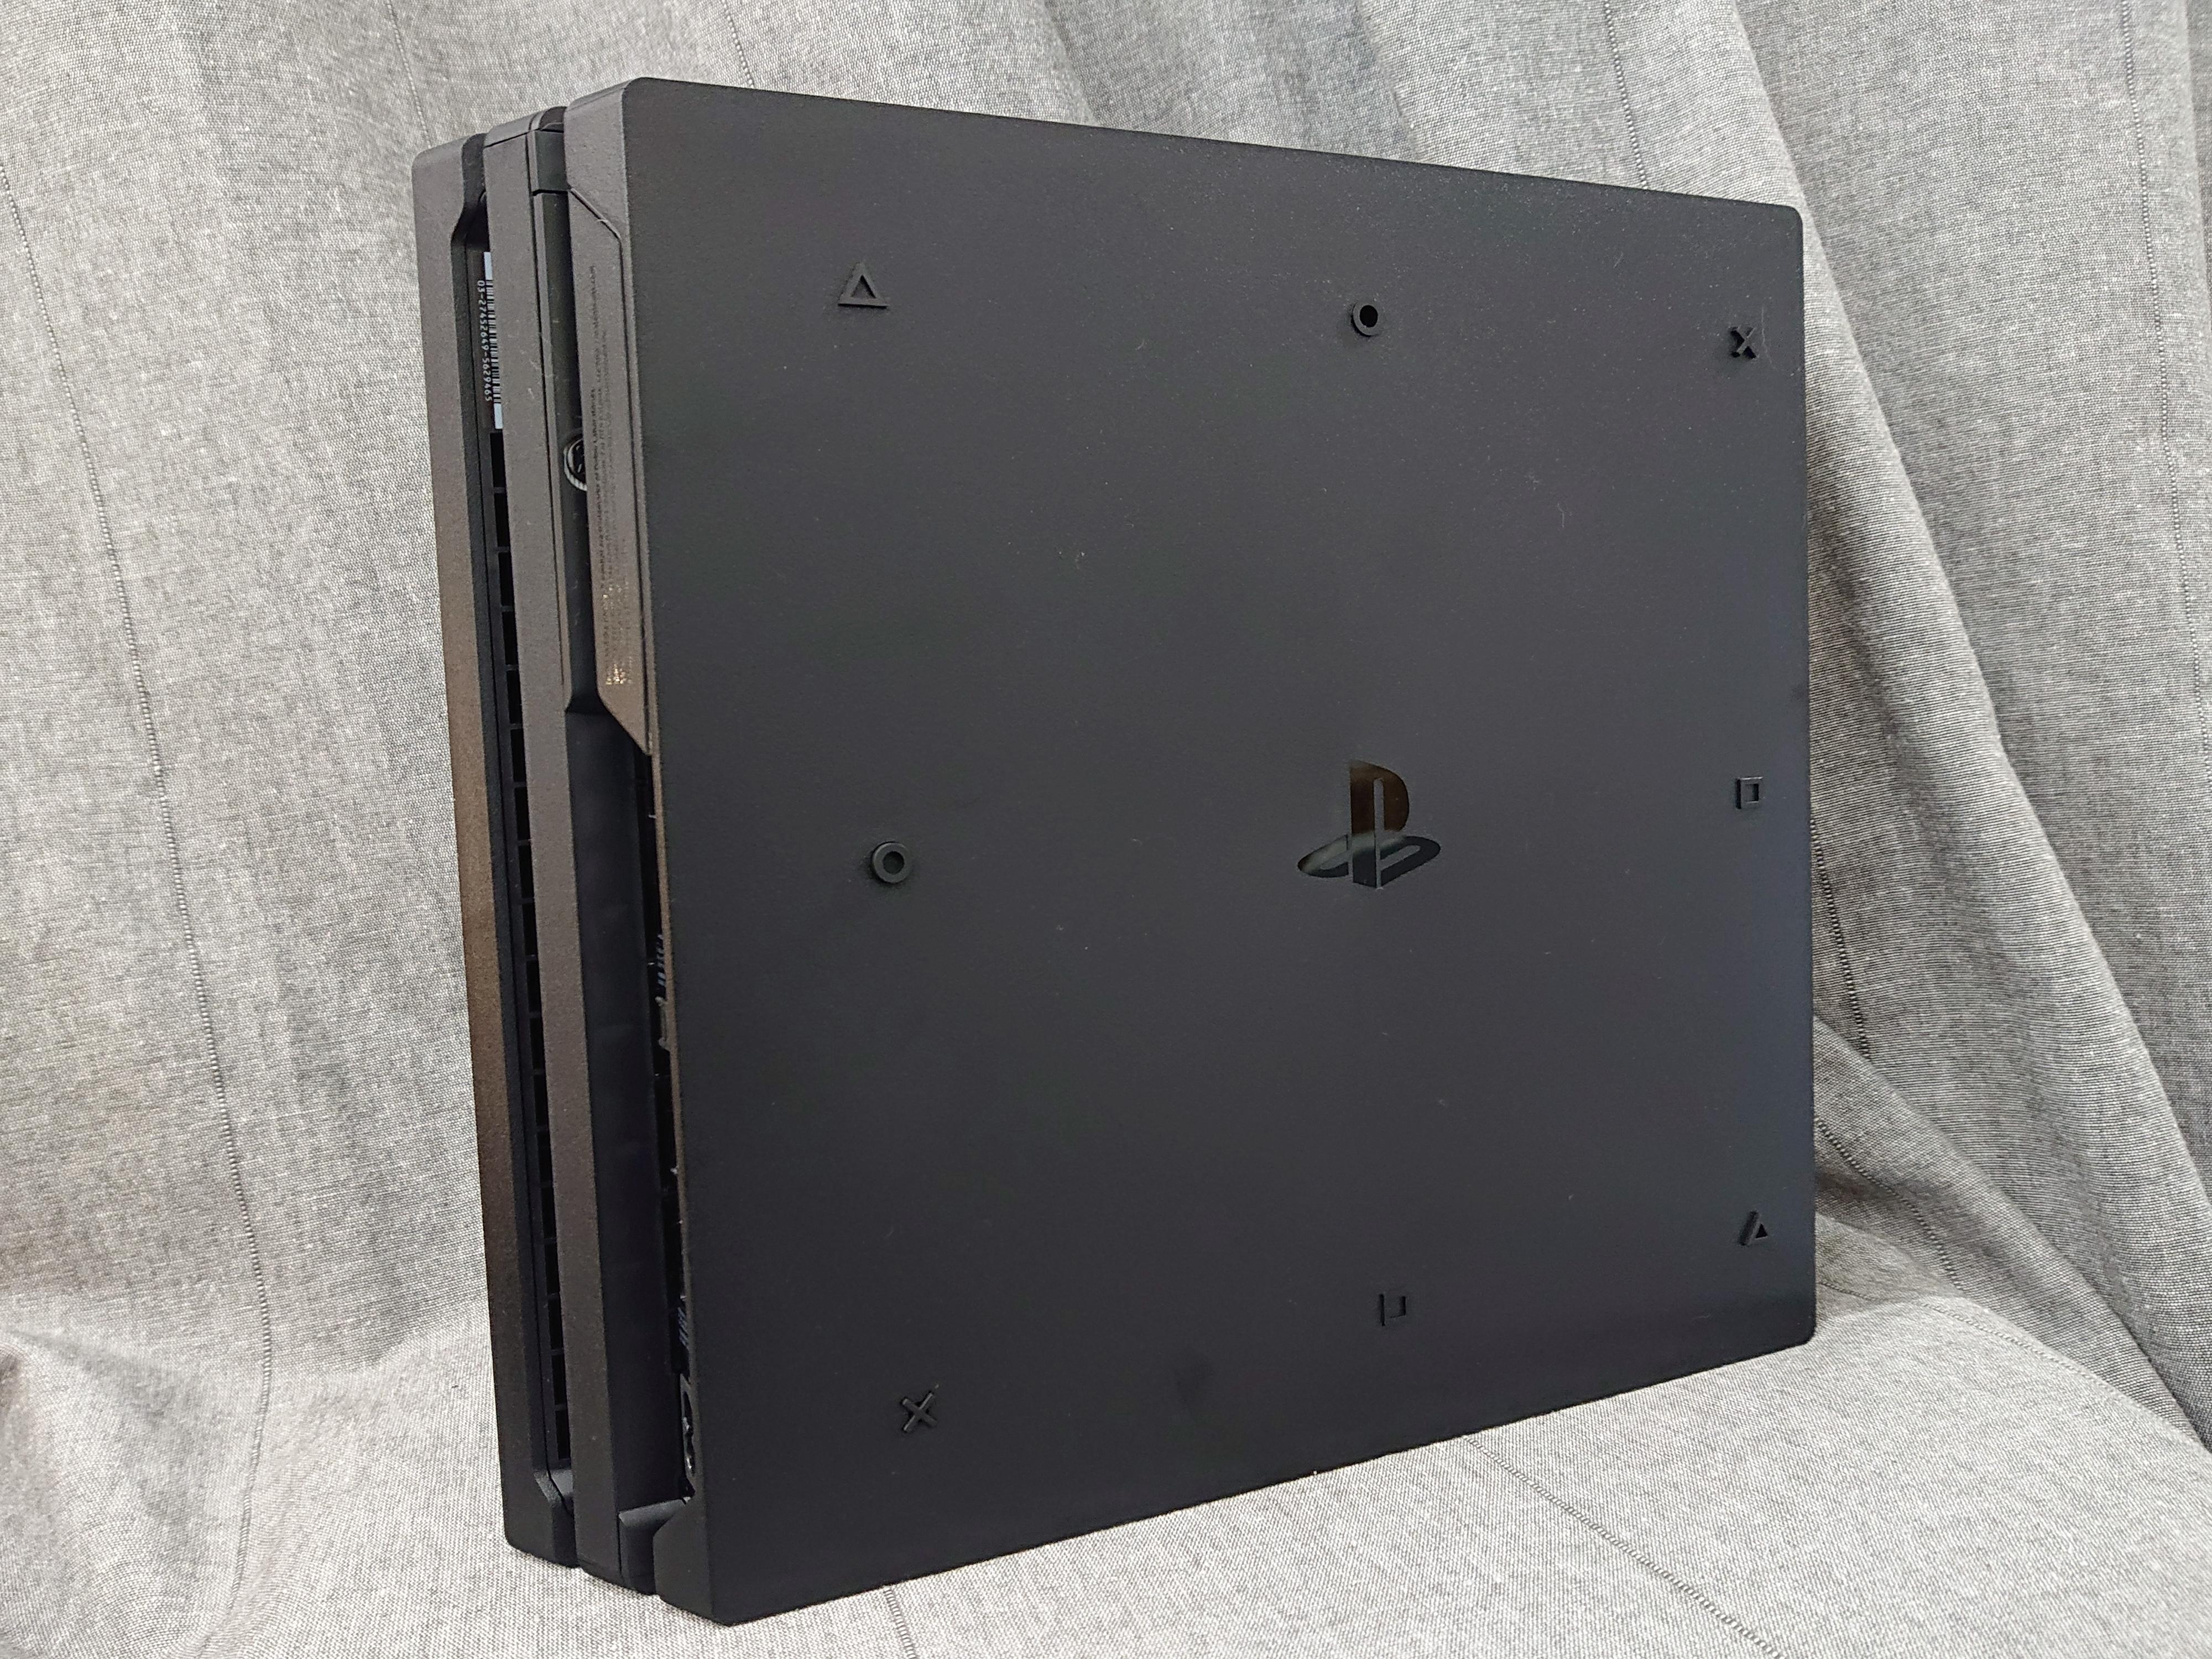 「開箱分享」衣著典雅華麗外衣的PS4 Pro, 王國之心同捆機 限量登場 - 8